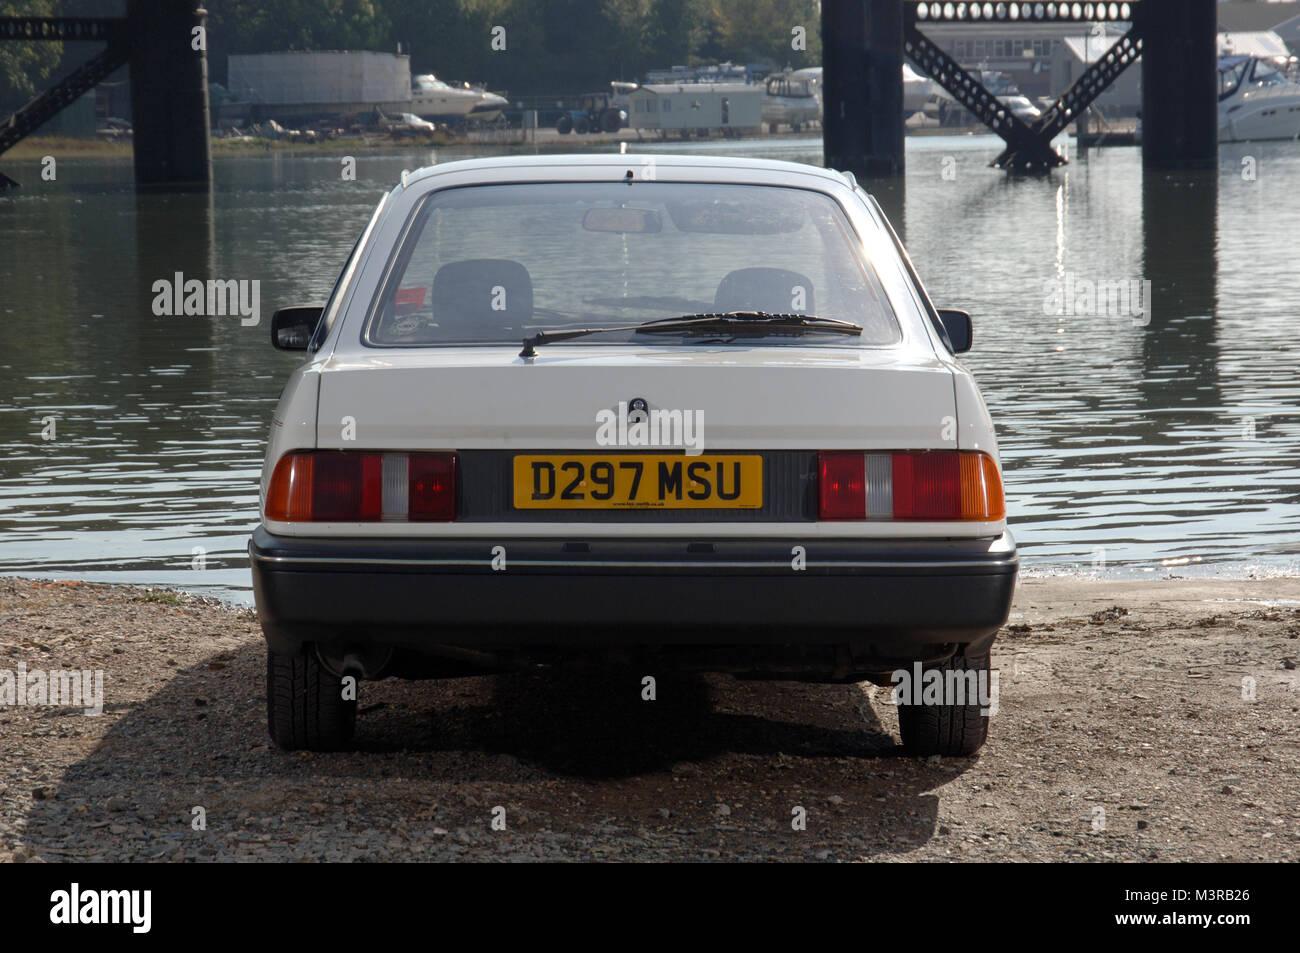 1986 Ford Sierra Fliessheck Familie Auto und gemeinsame sind p Mobile' der '80s Stockbild